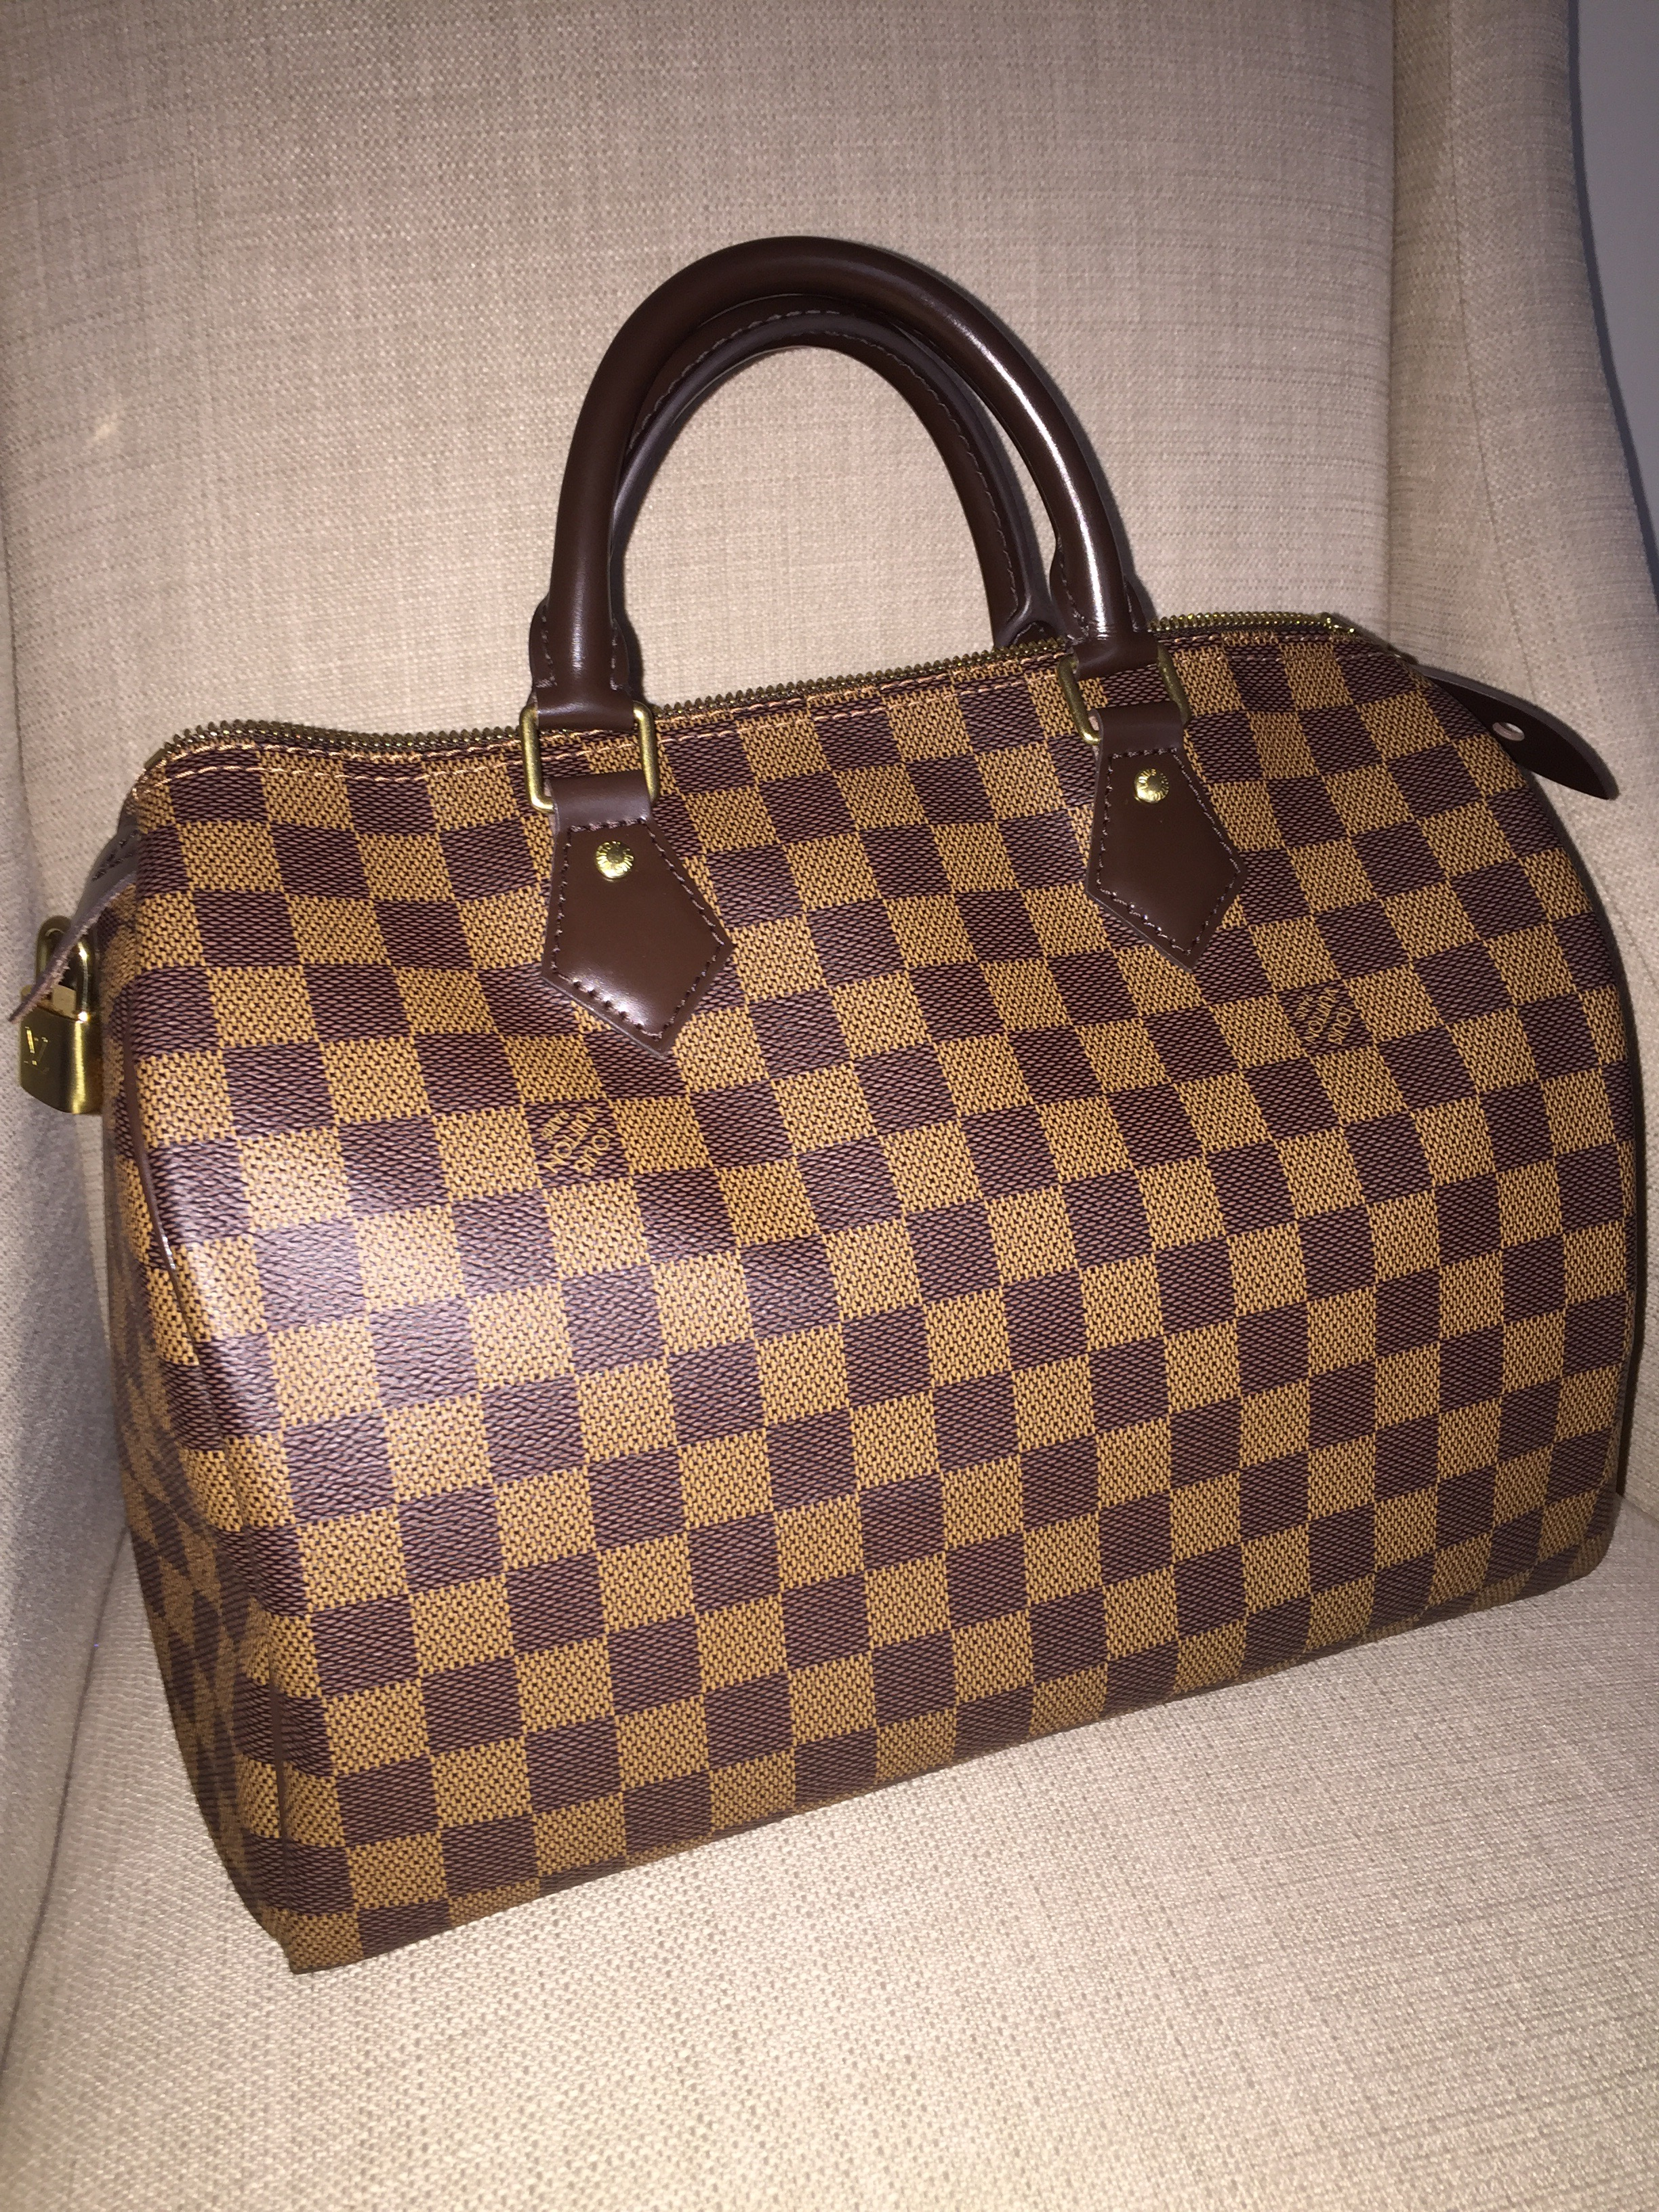 1354bbf686b7 Louis Vuitton Speedy 30 Damier Ebene – So Lush Lifestyle